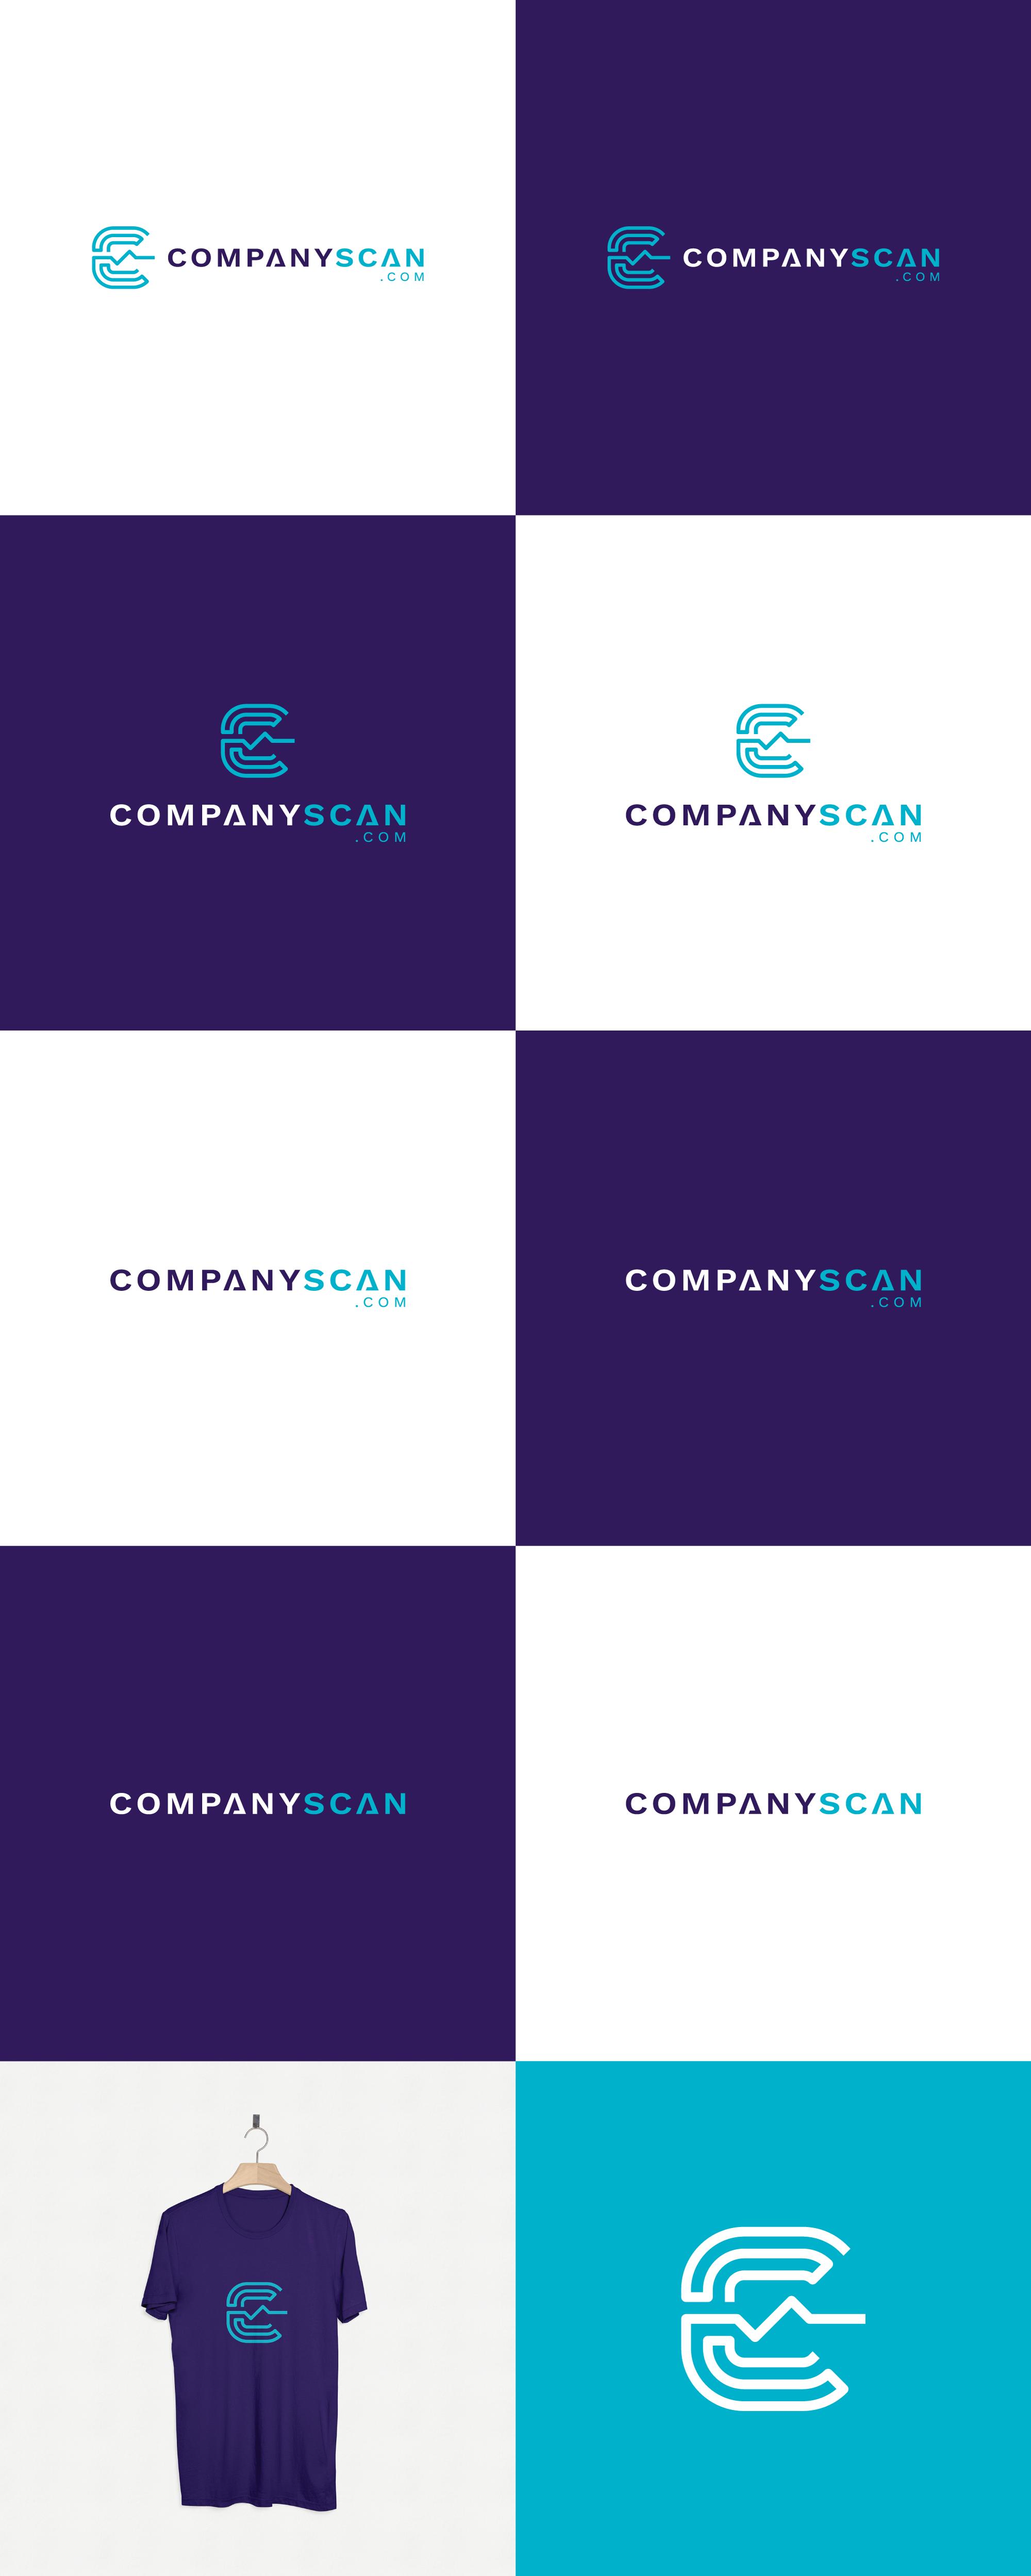 Companyscan.com